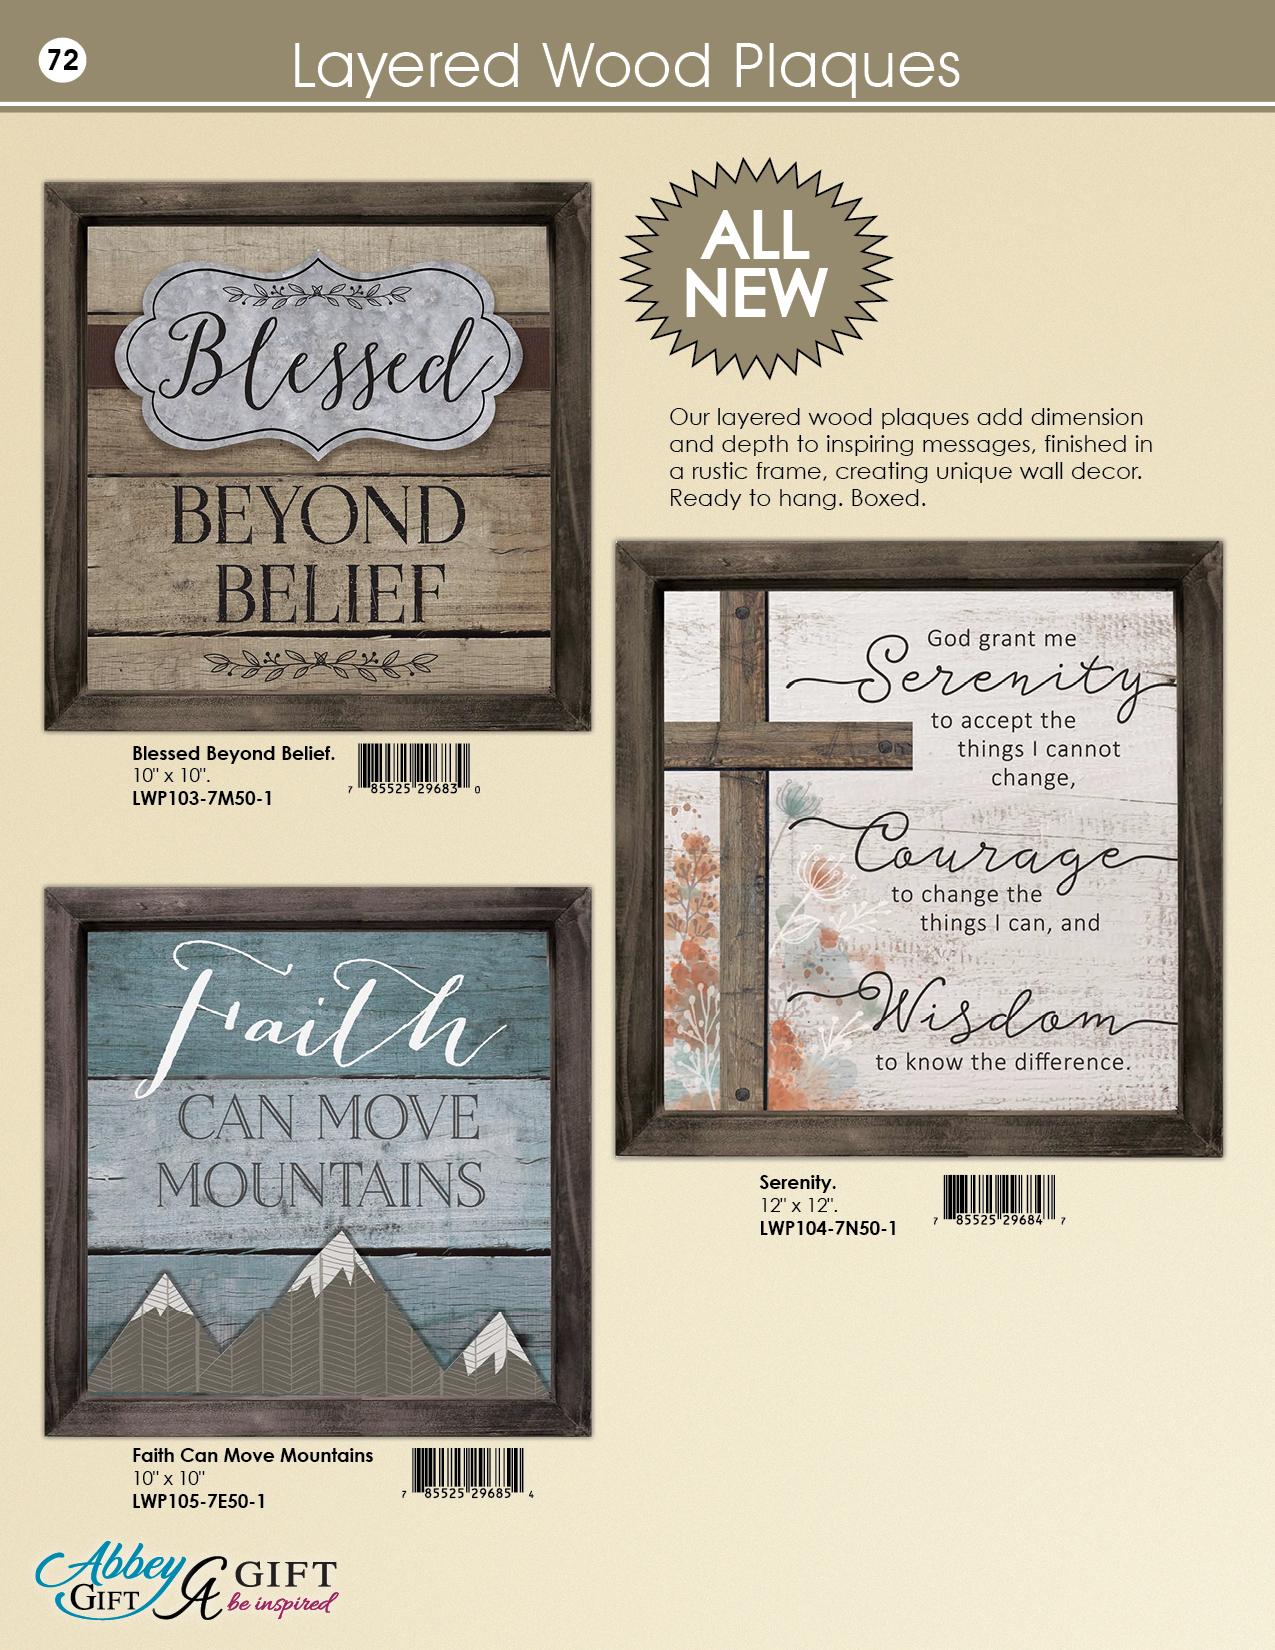 2019 Abbey CA Gift Catalog 72